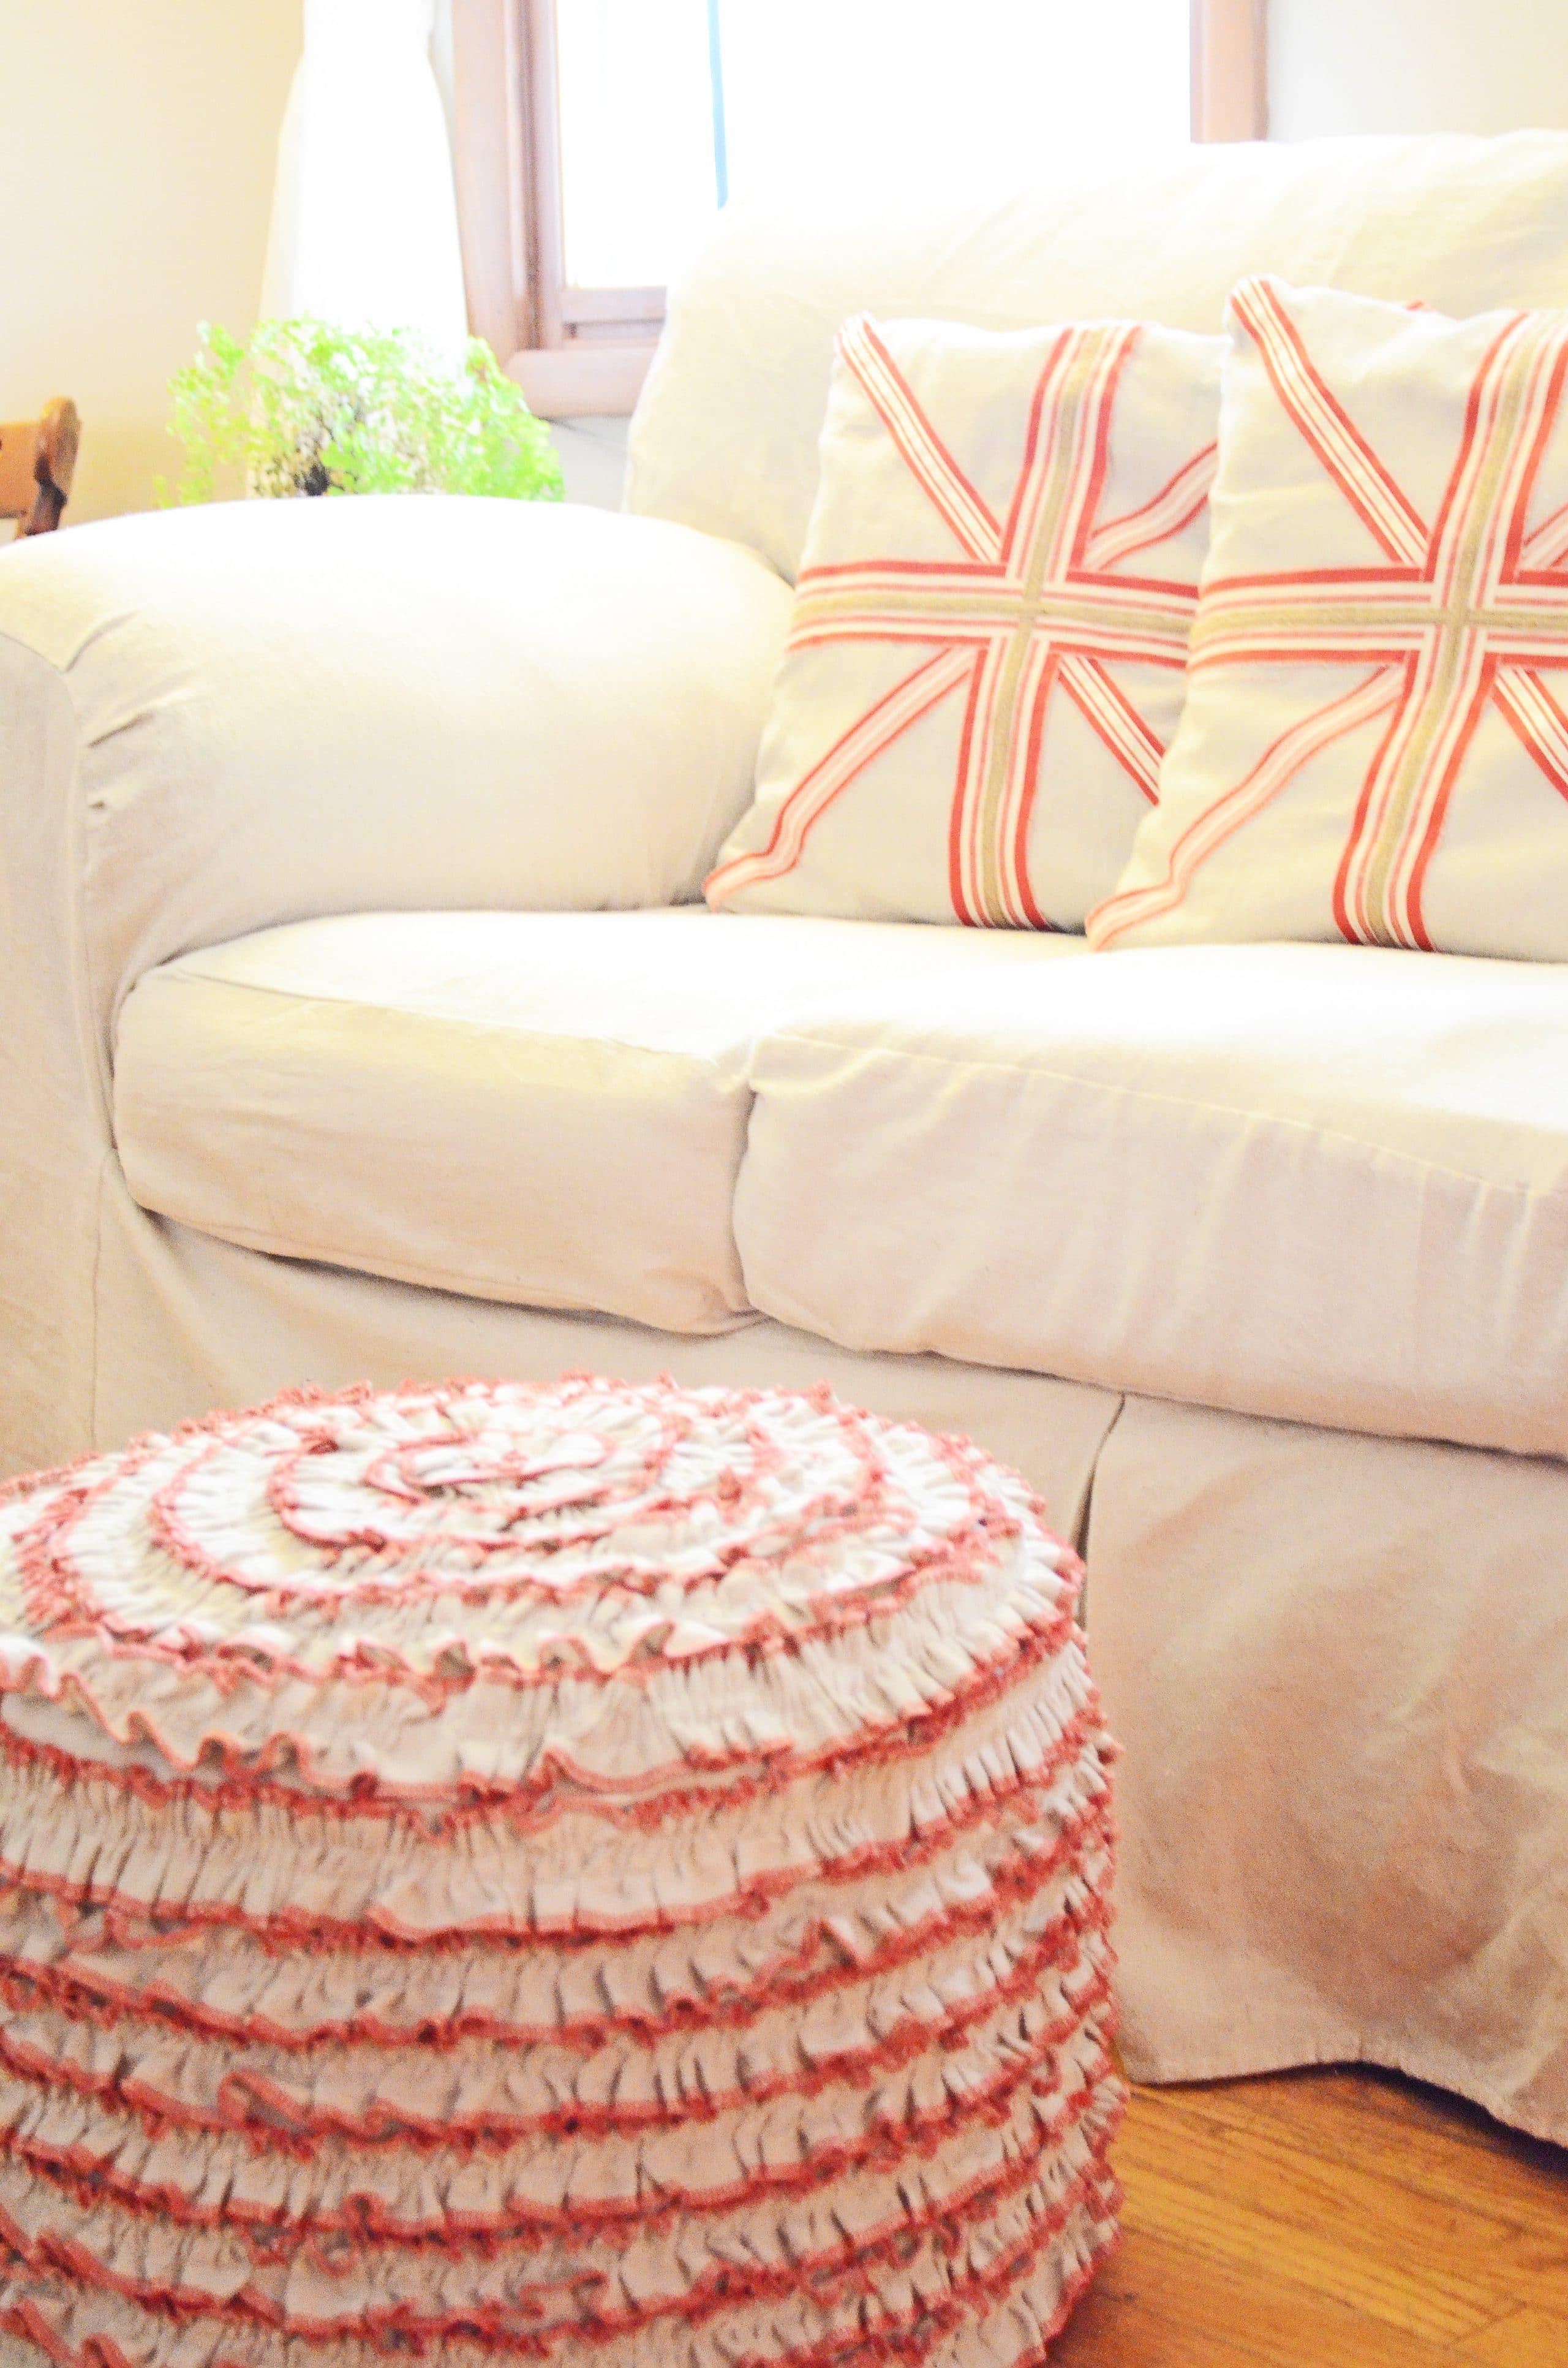 Sew A Fine Seam: Liv's 'New' Living Room